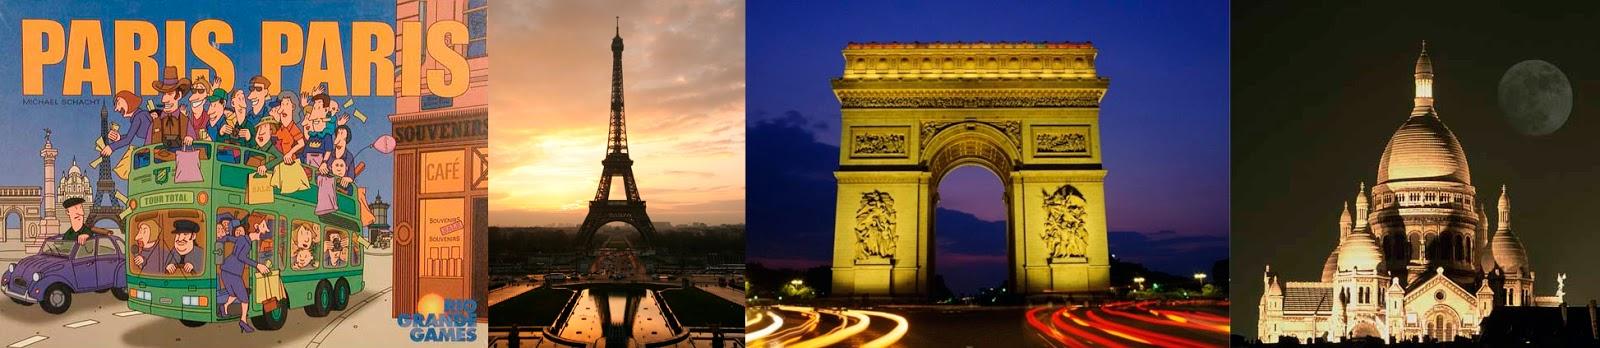 Portada de Paris, Paris - Torre Eiffel  - Arco del triunfo - Basílica del Sagrado Corazón